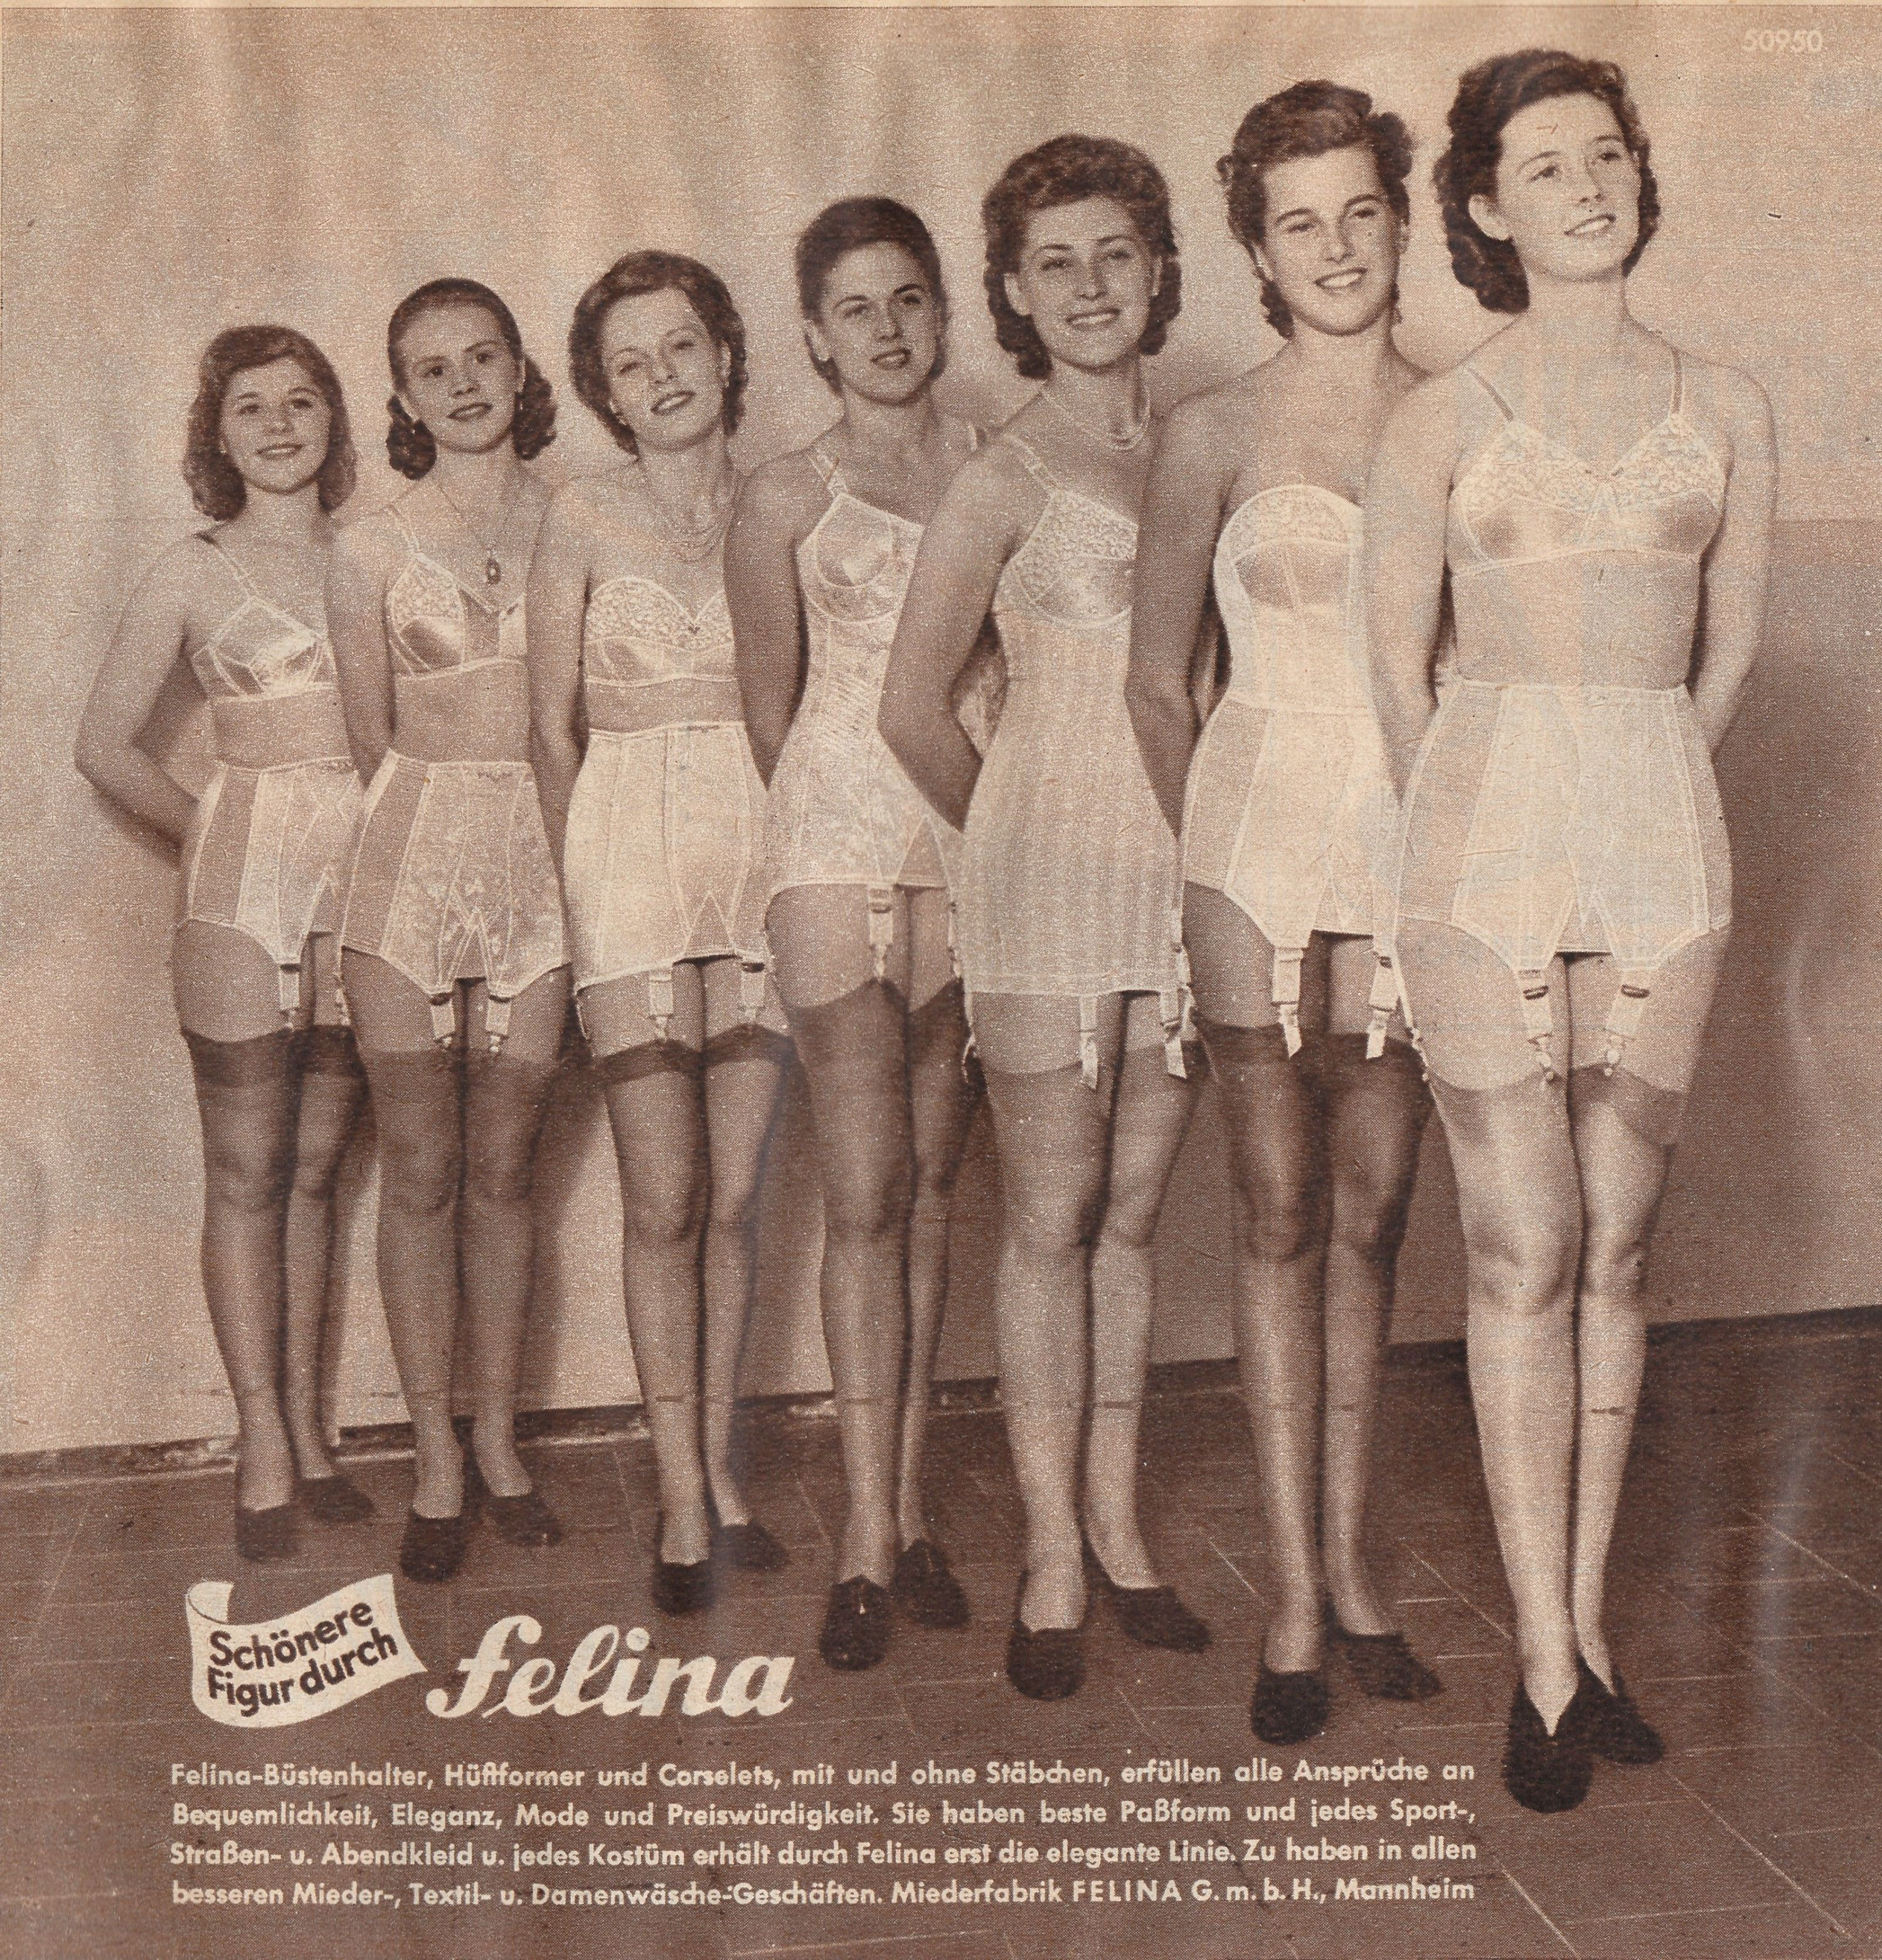 02_Body_Talks_Felina_1950